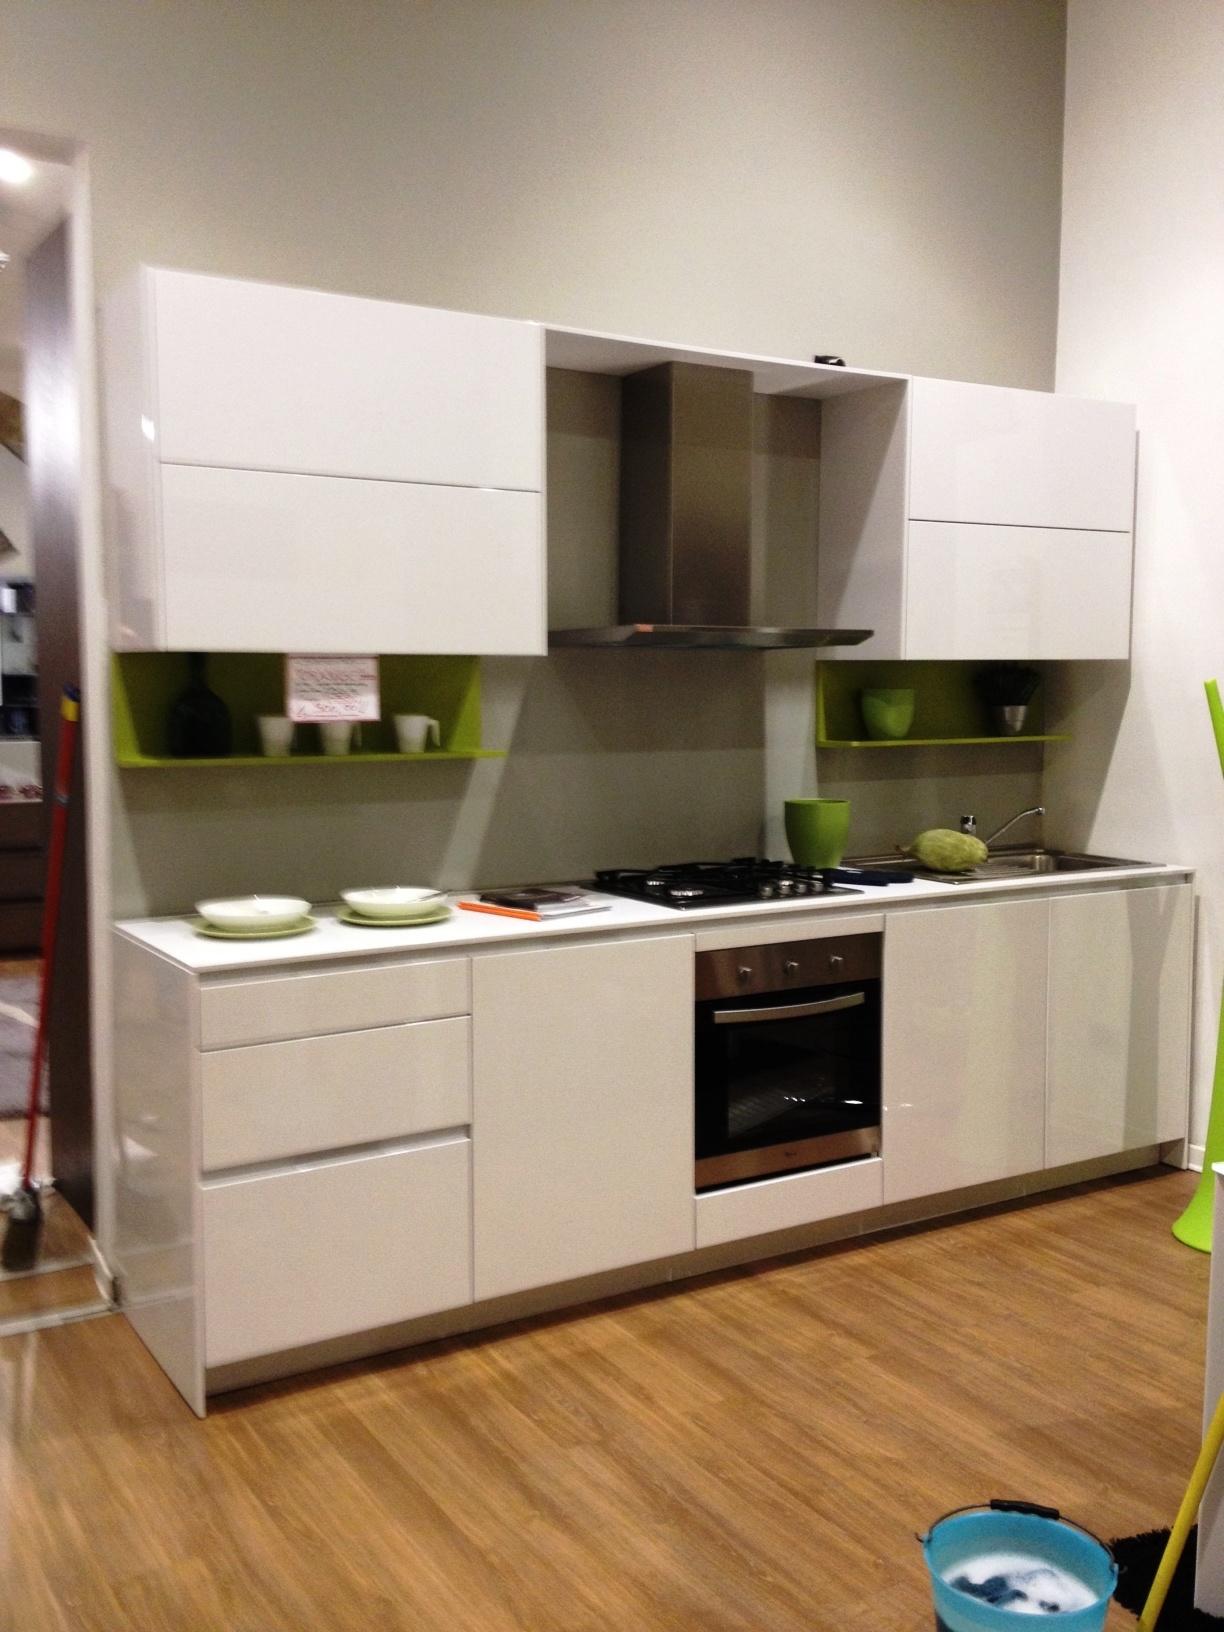 Cucina snaidero modello orange cucine a prezzi scontati - Cucine snaidero outlet ...